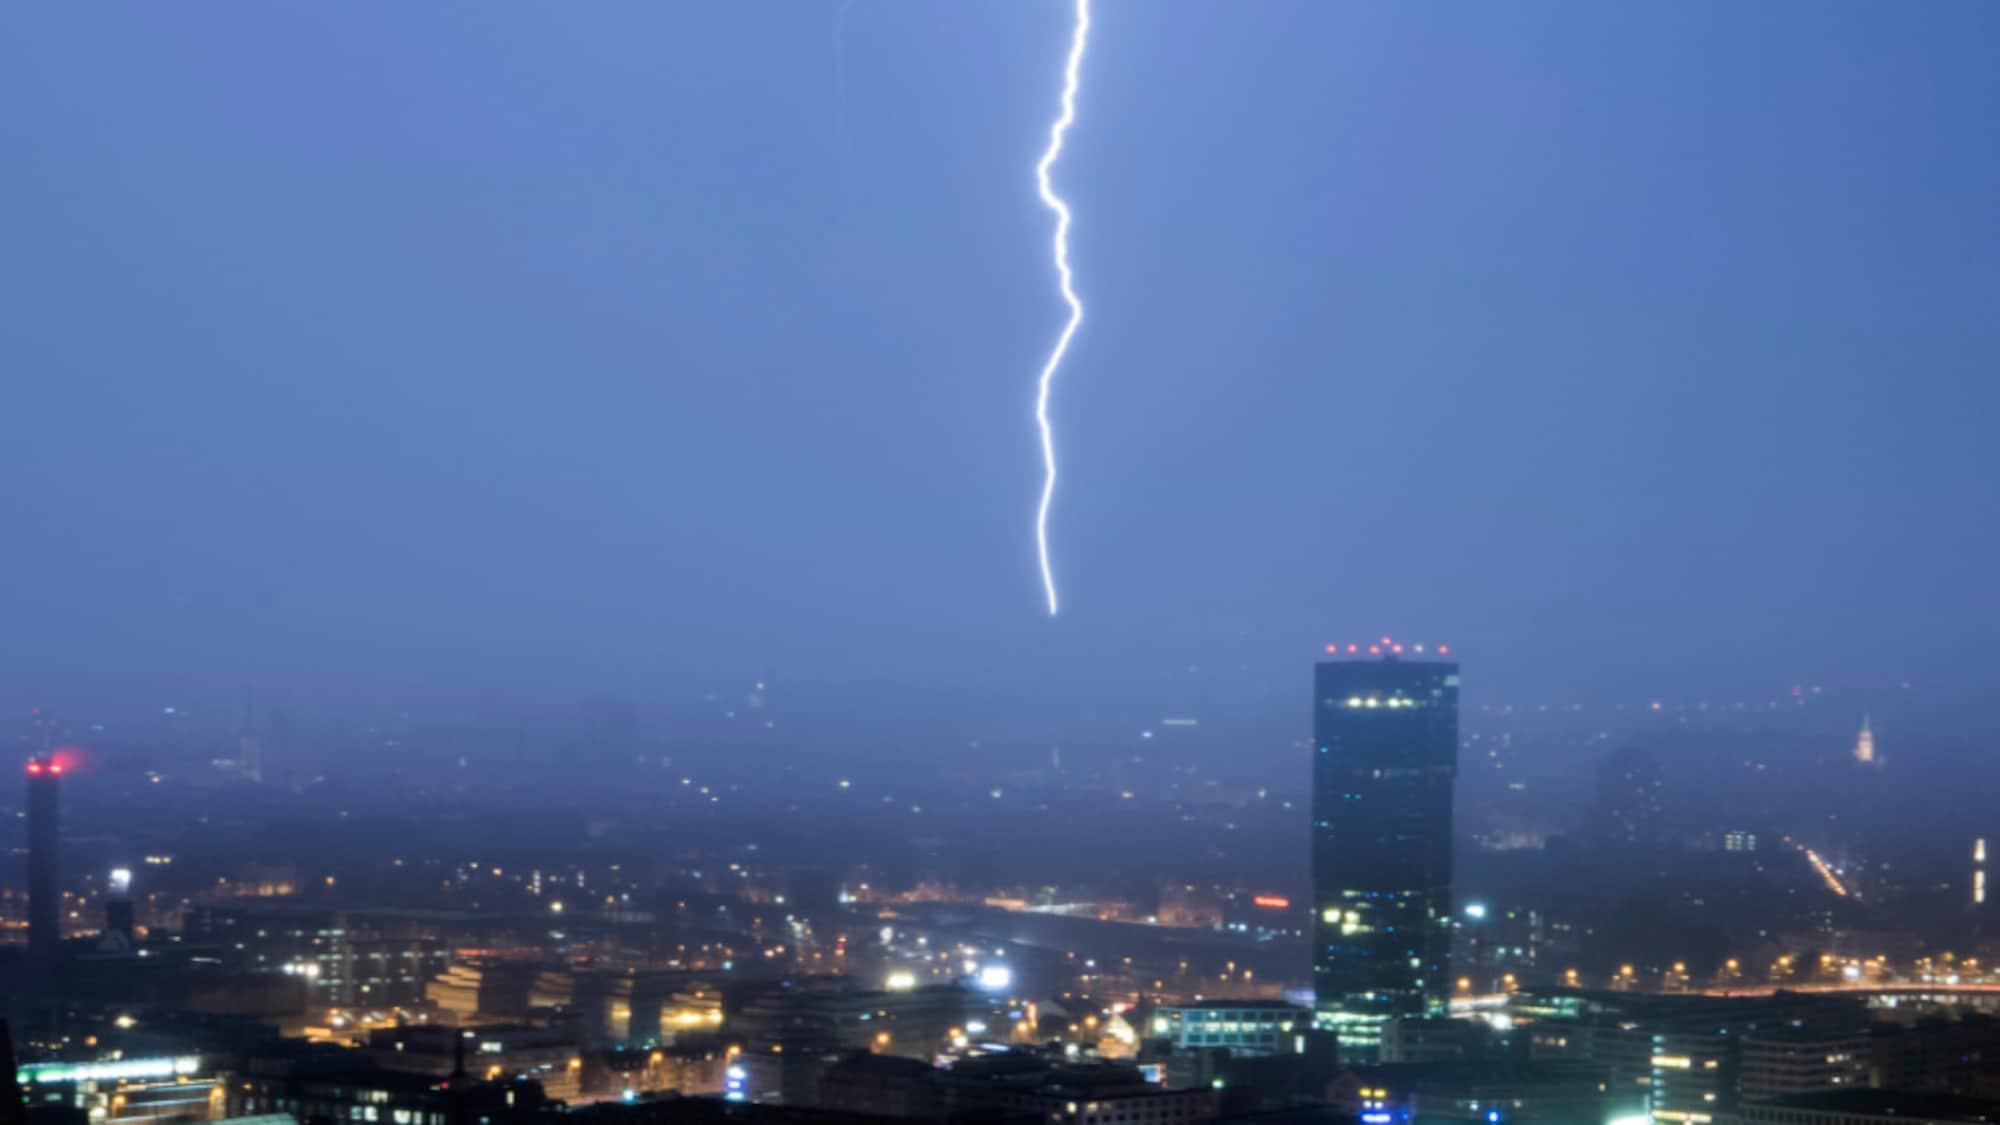 Wetter: Kräftige Gewitter und Sturm beenden Hitzewochenende